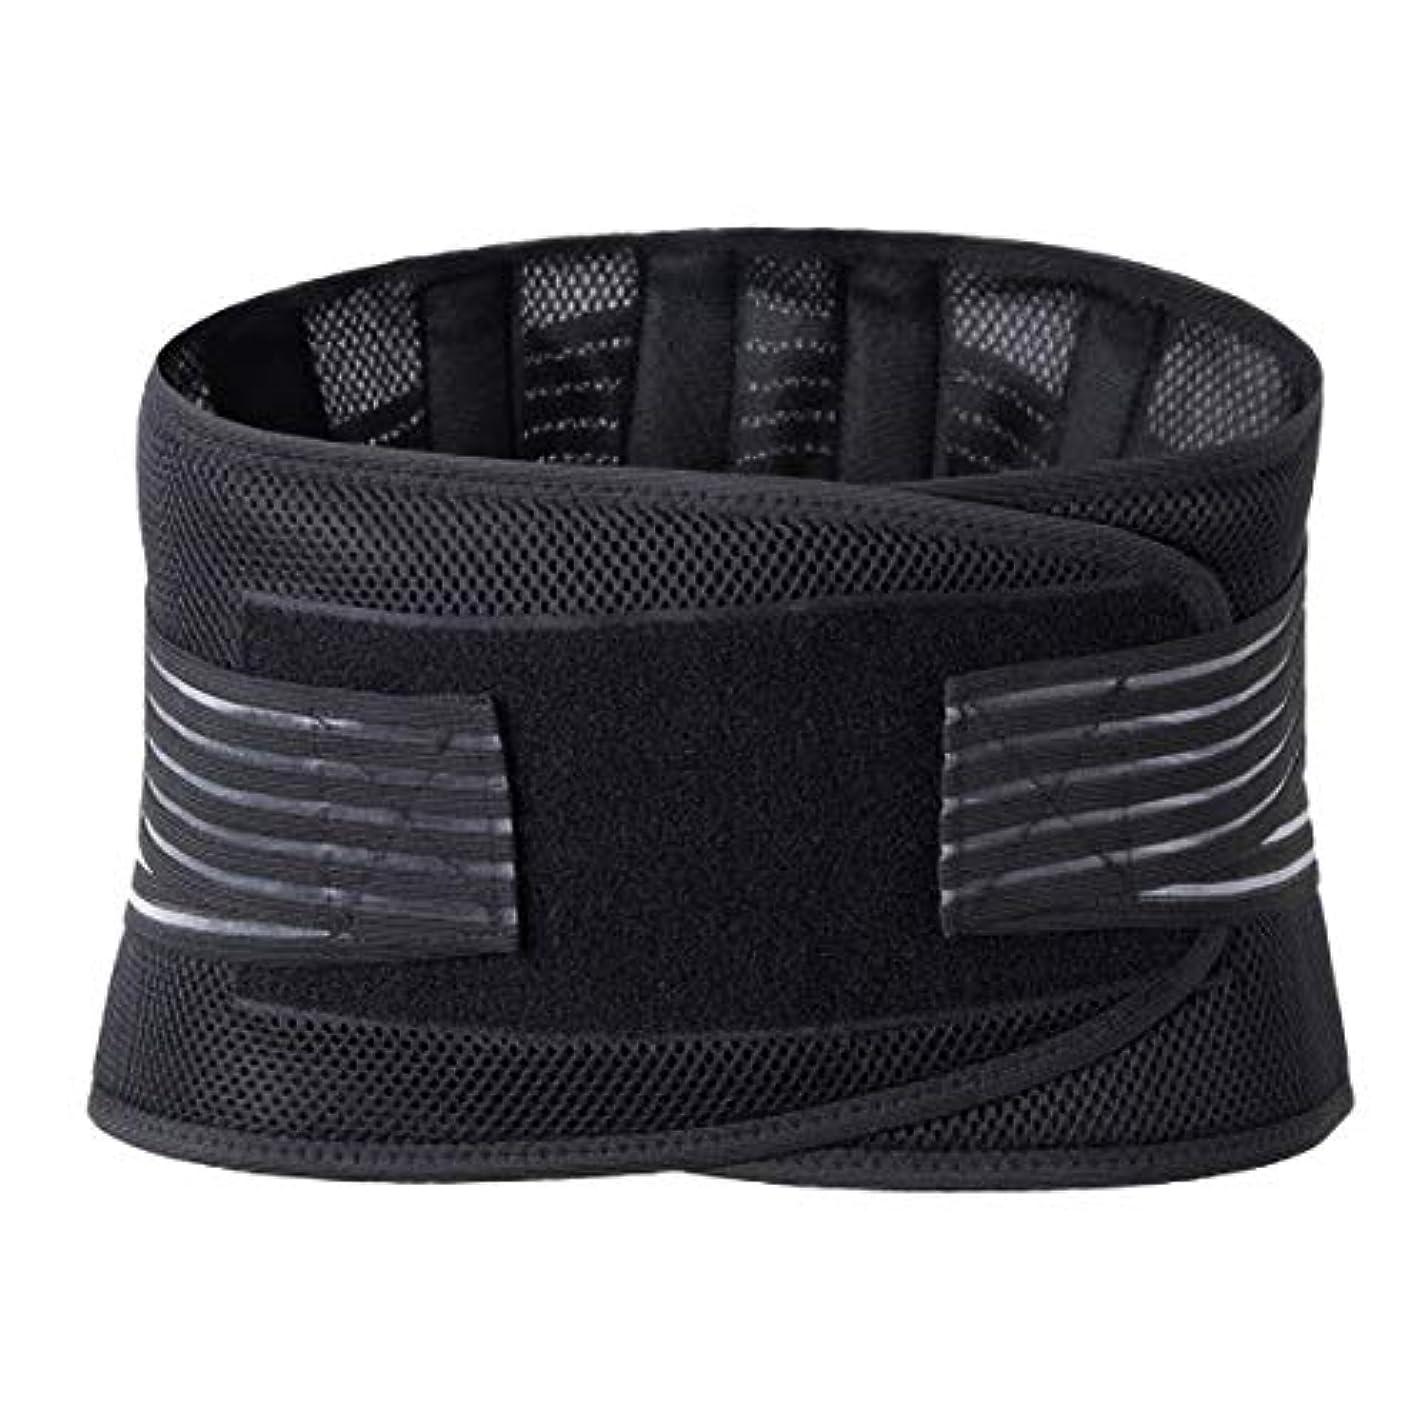 溶融変色する仕えるランバーウエストサポートバックブレースベルトウエストサポートブレースフィットネススポーツ保護姿勢コレクター再構築 - ブラック